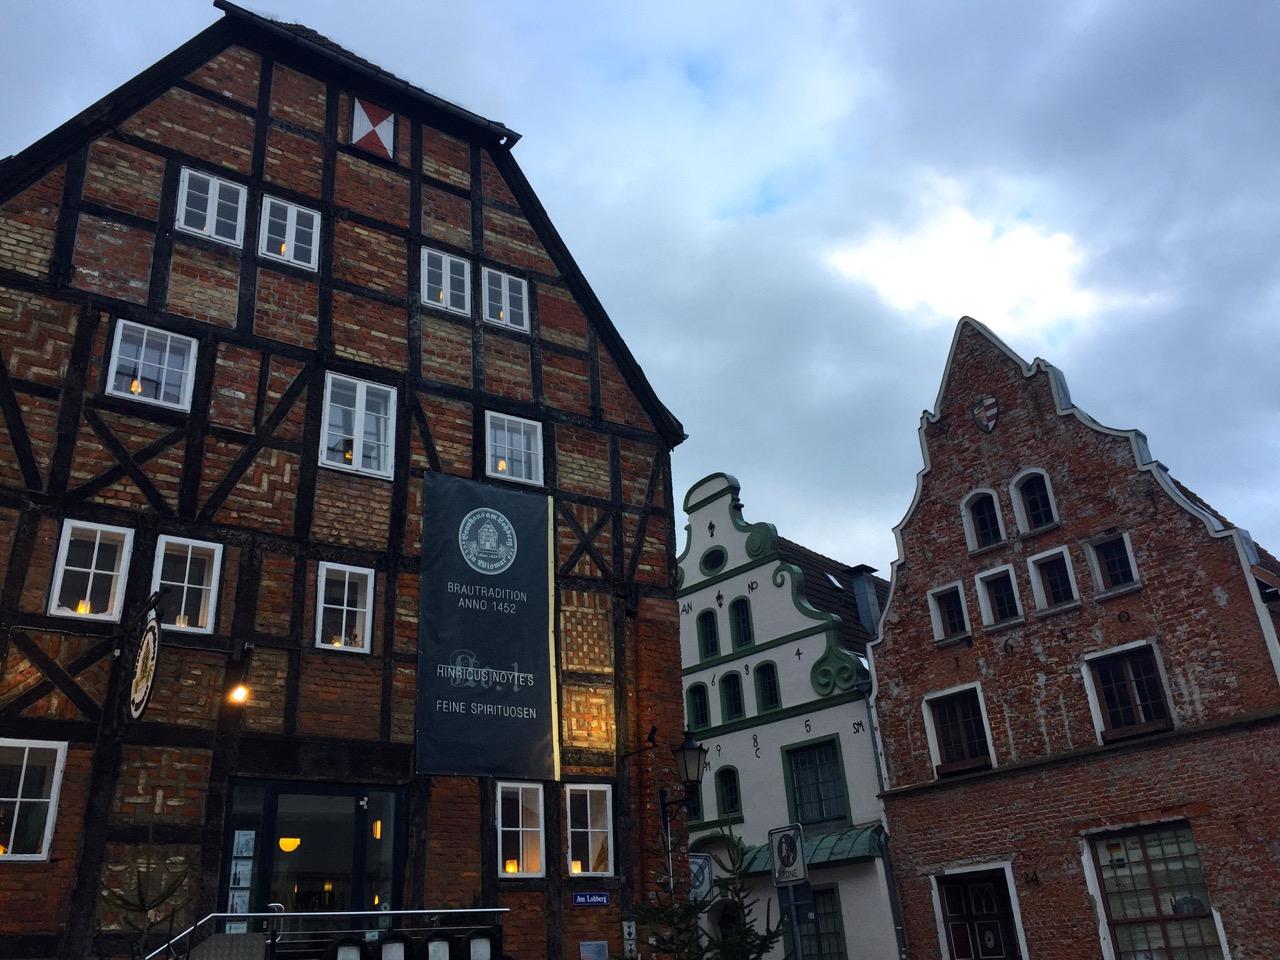 Wismar Reisebericht 24 Stunden